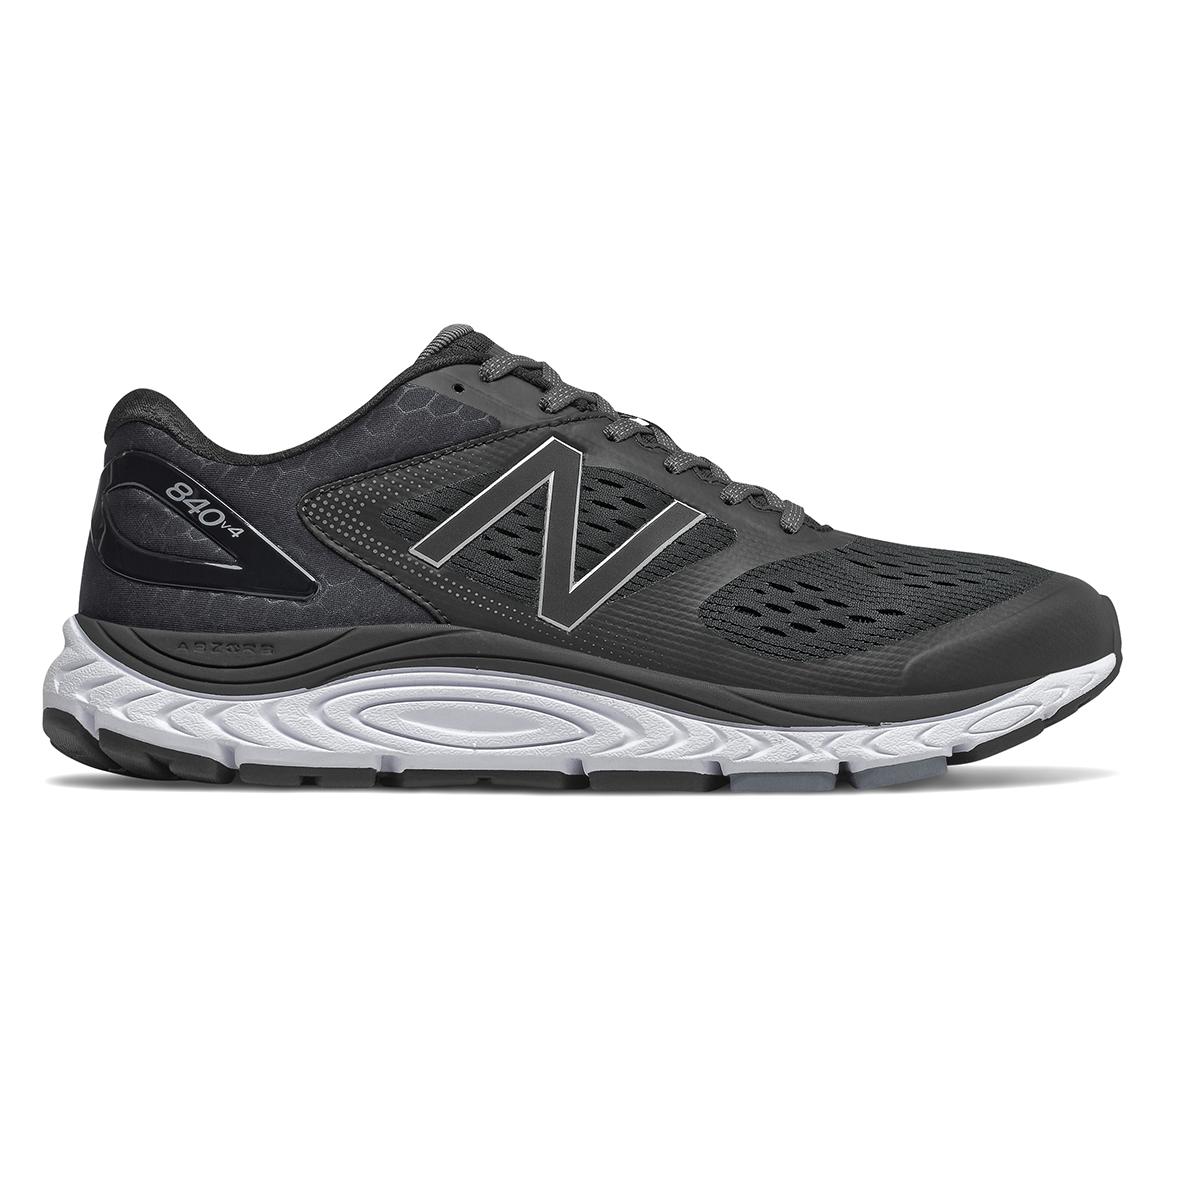 Men's New Balance 840V4 Walking Shoe - Color: Black - Size: 7 - Width: Wide, Black, large, image 1